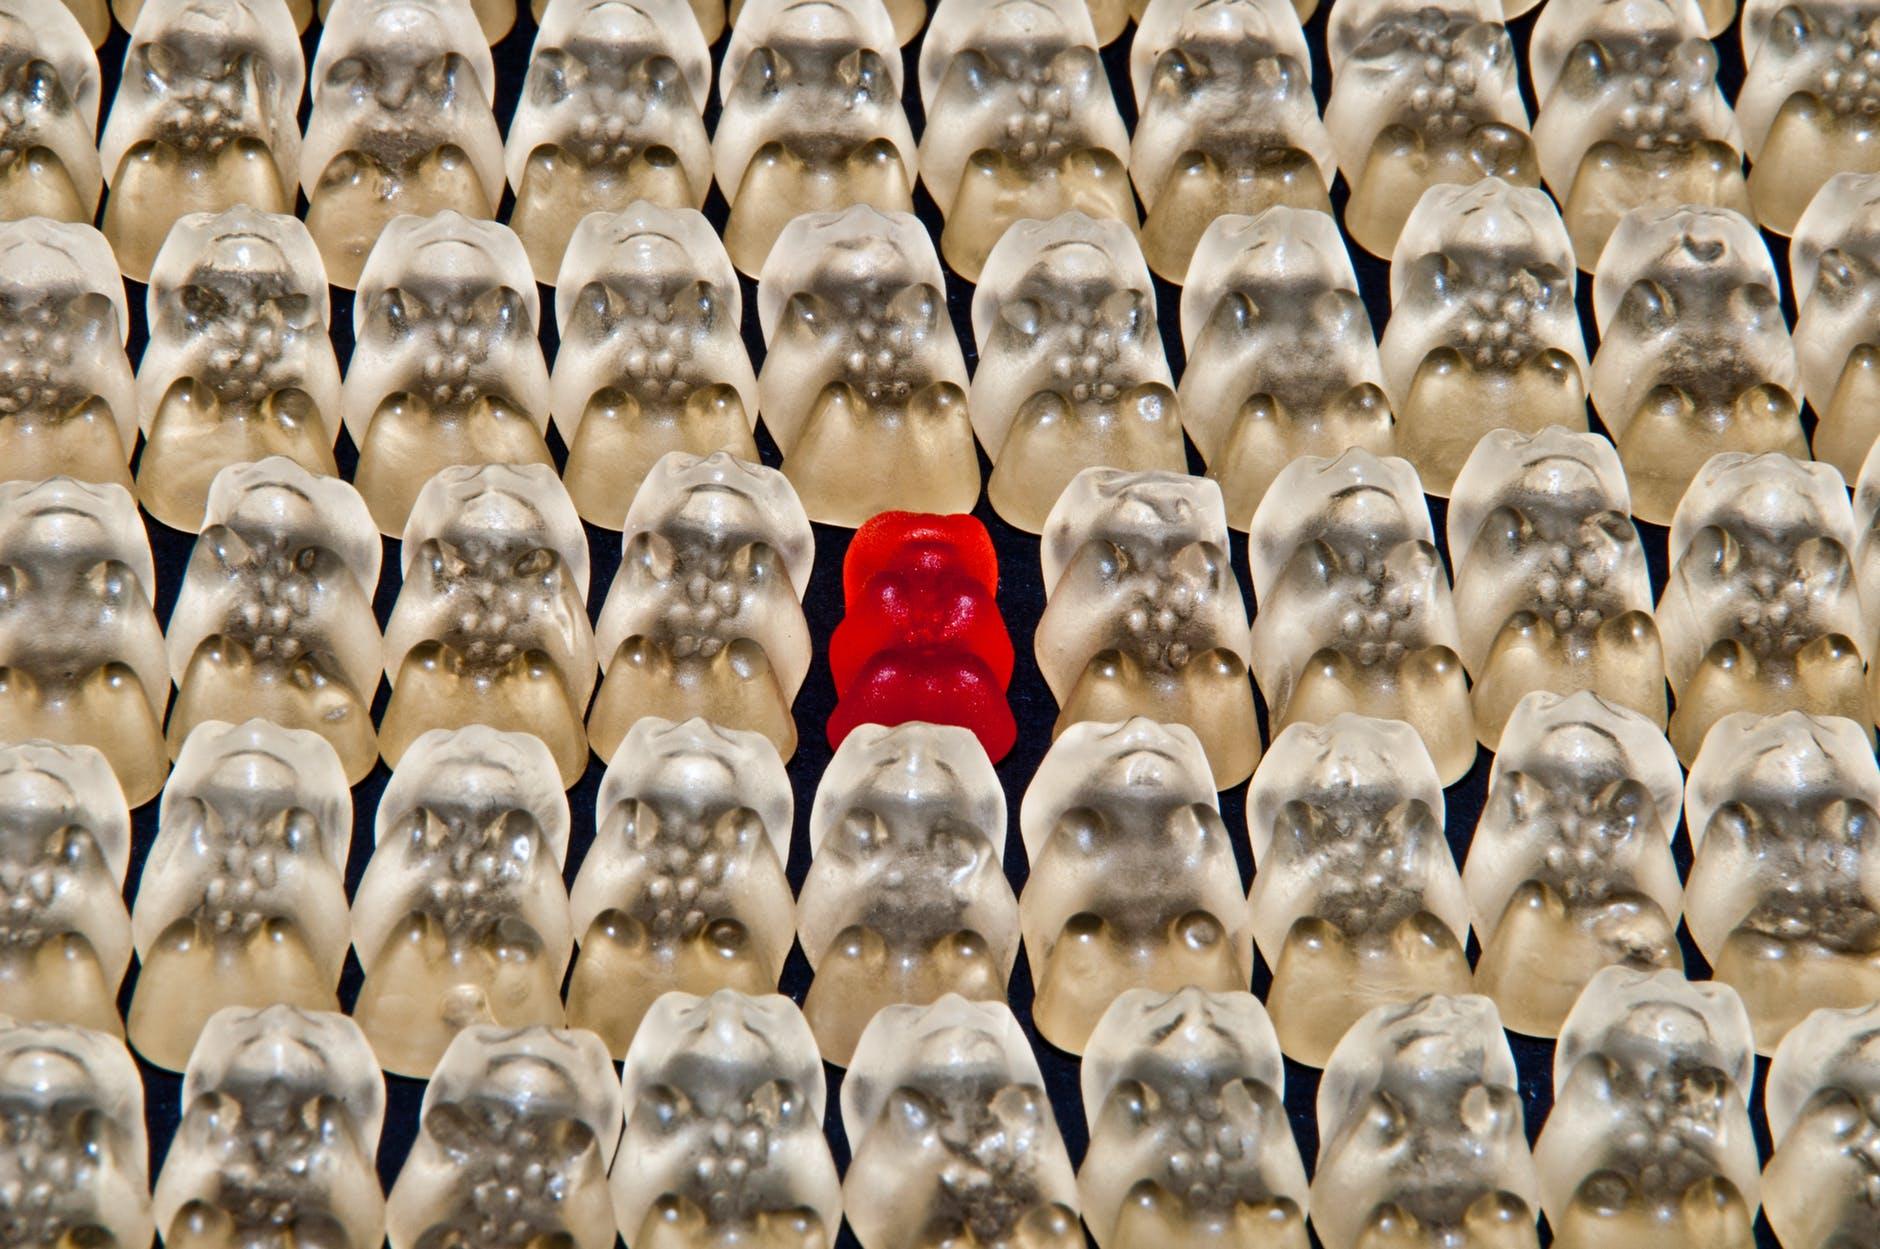 gummybear image